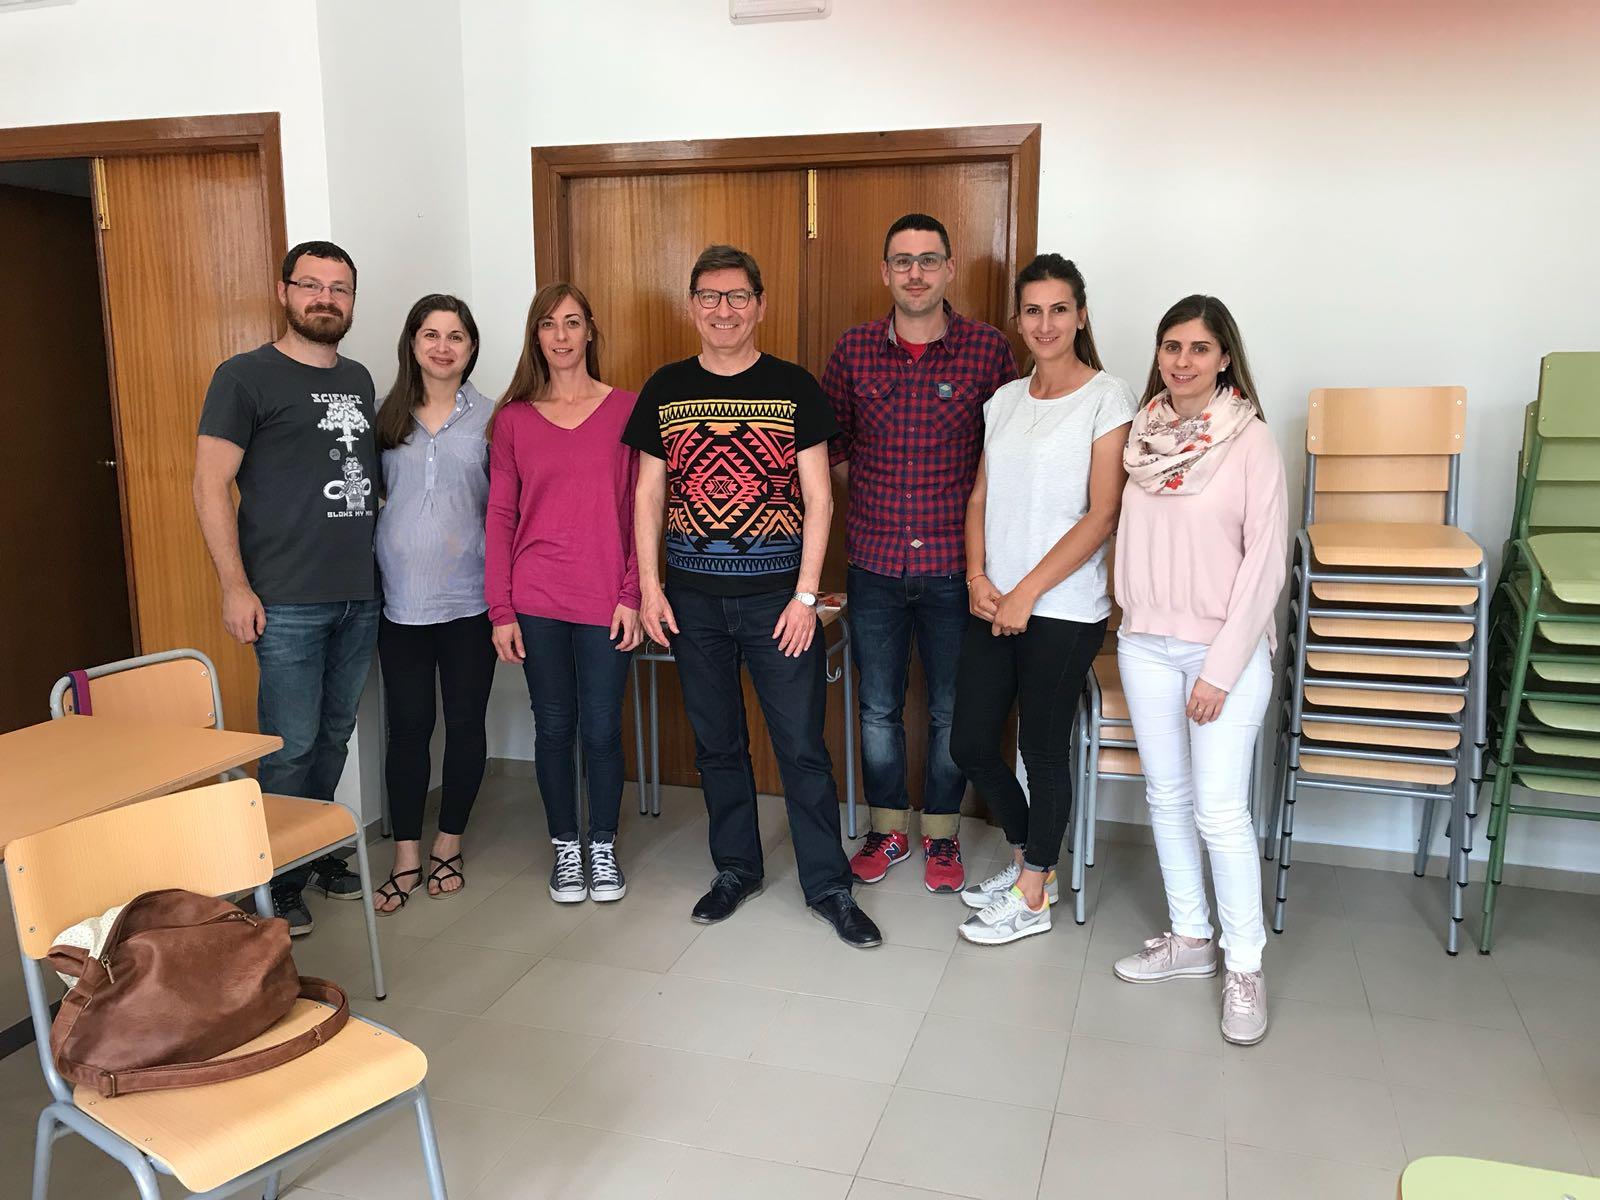 Participantes en la iniciativa desarrollada en Cheste con el profesor.